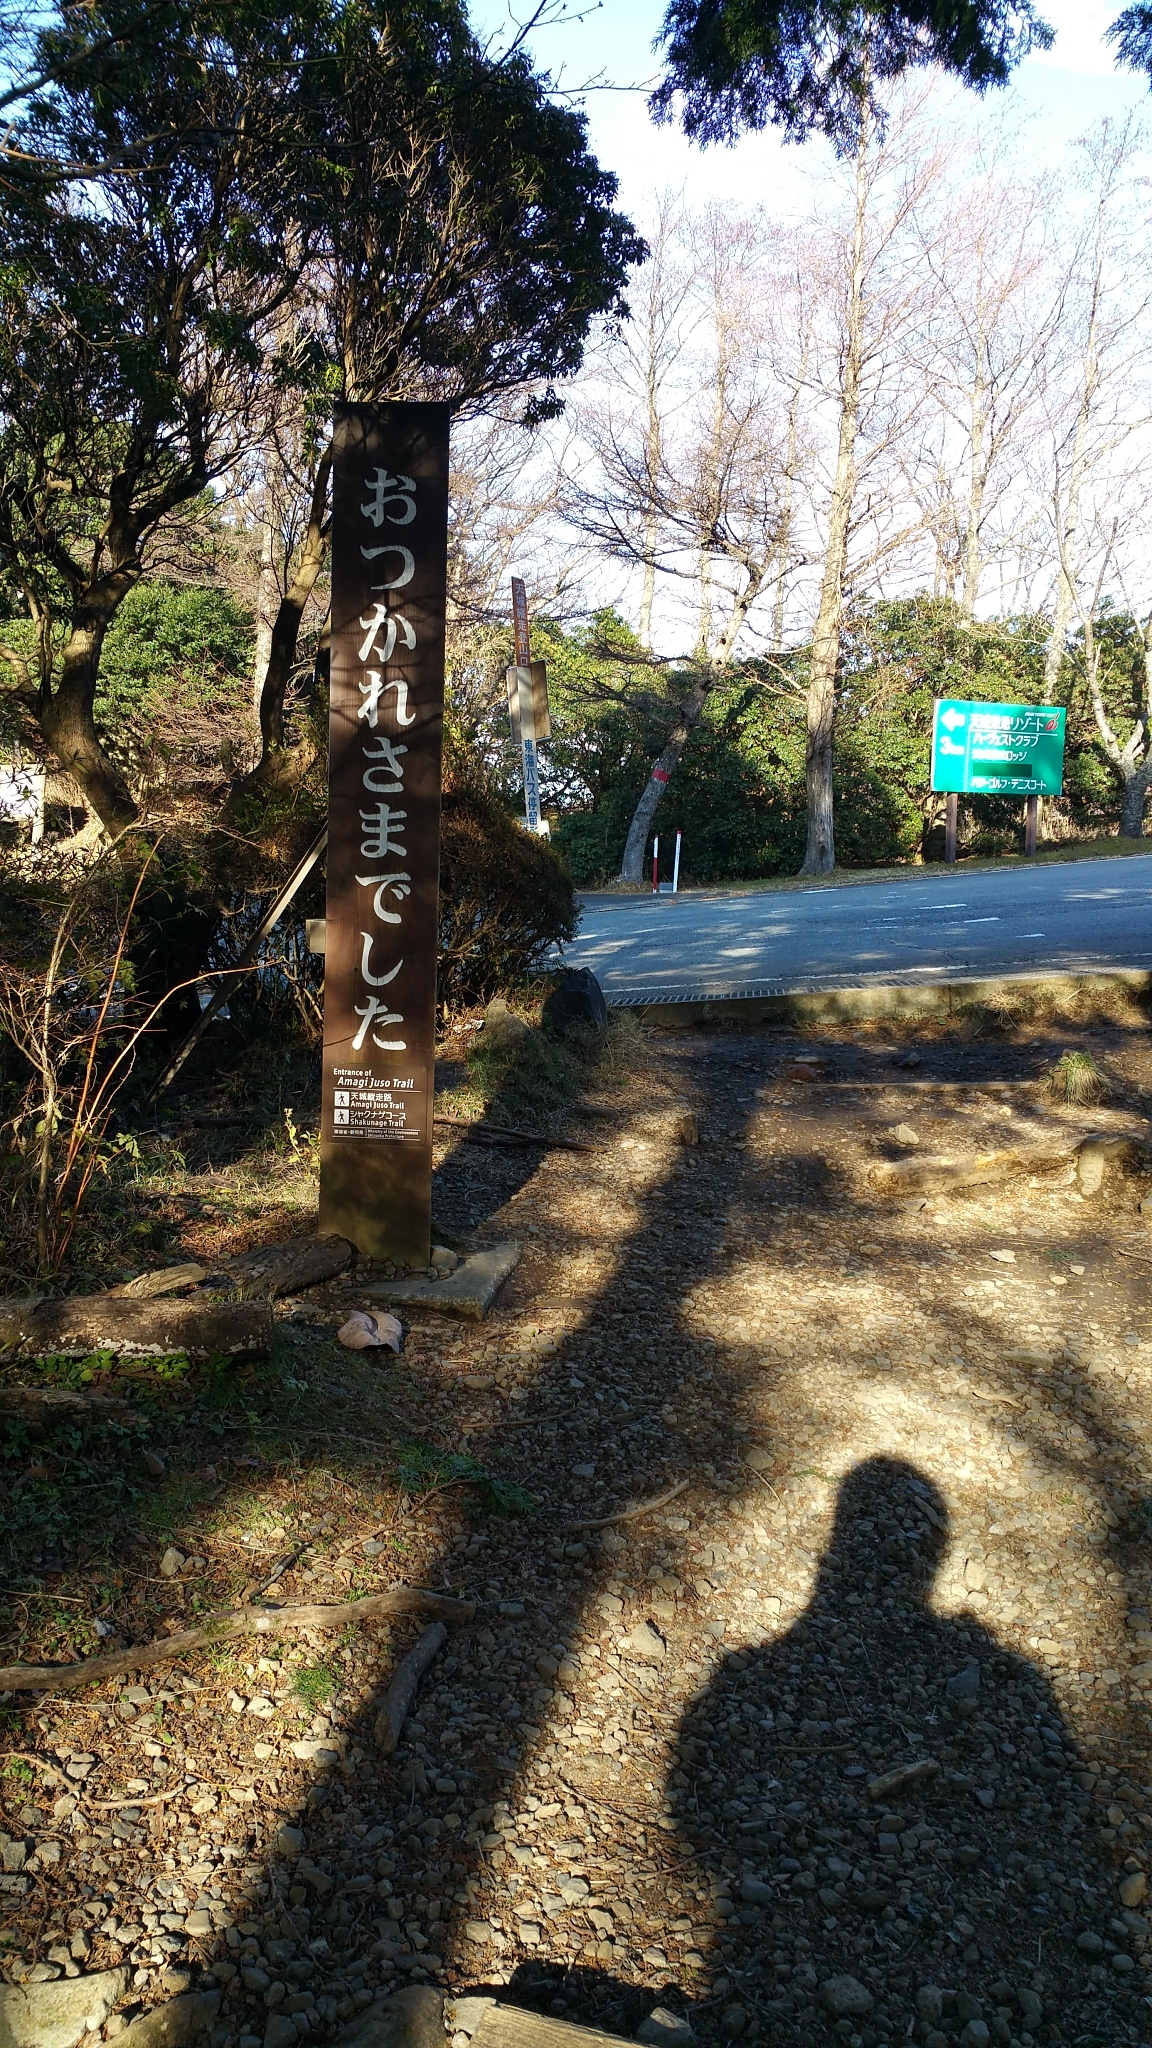 20151207_142116.jpg